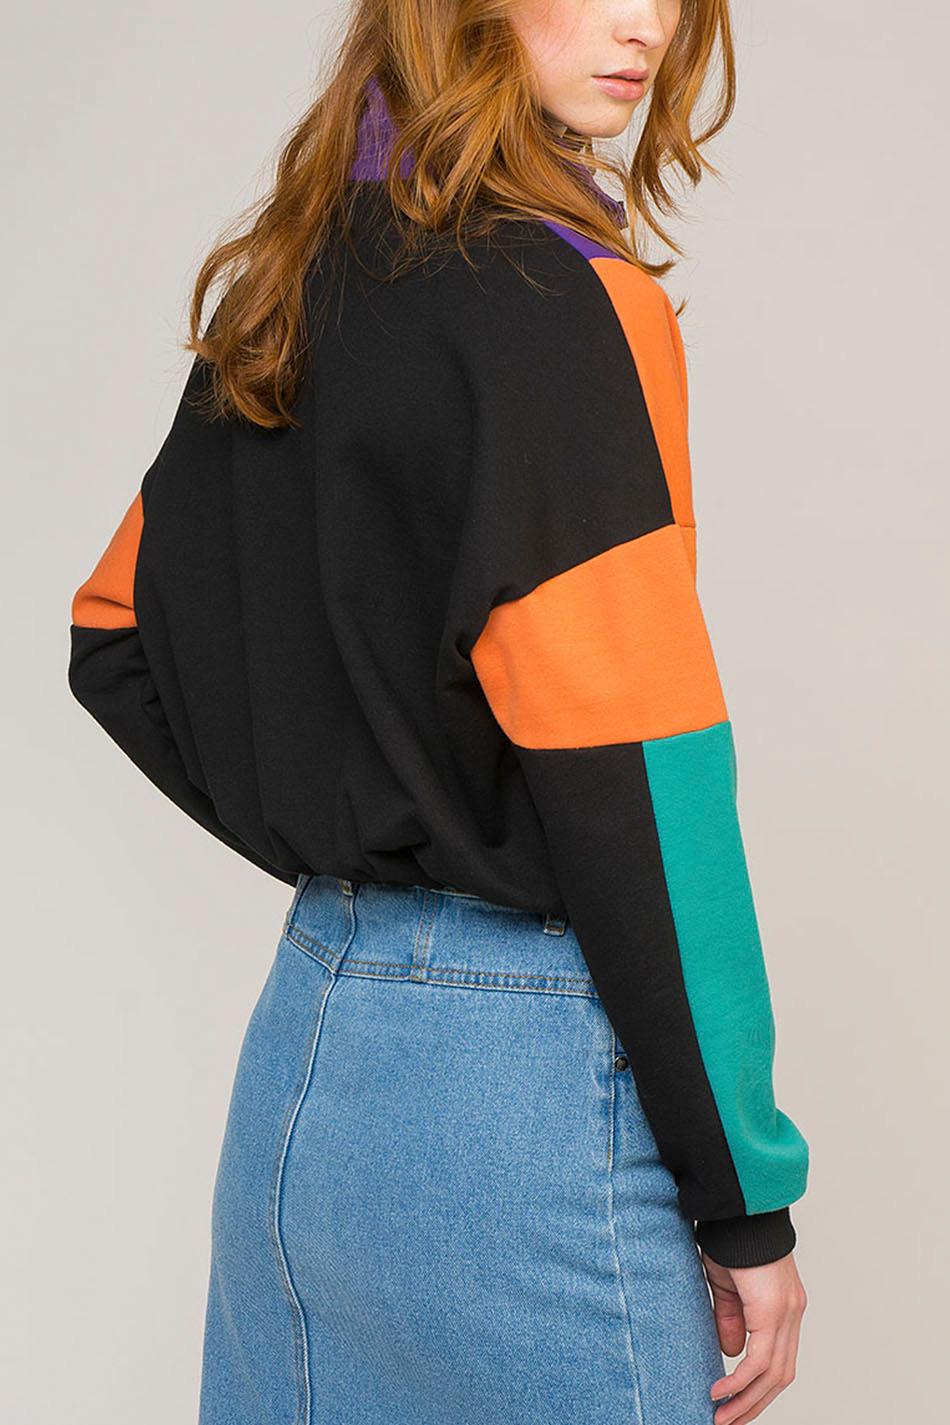 Blondie Black sweatshirt